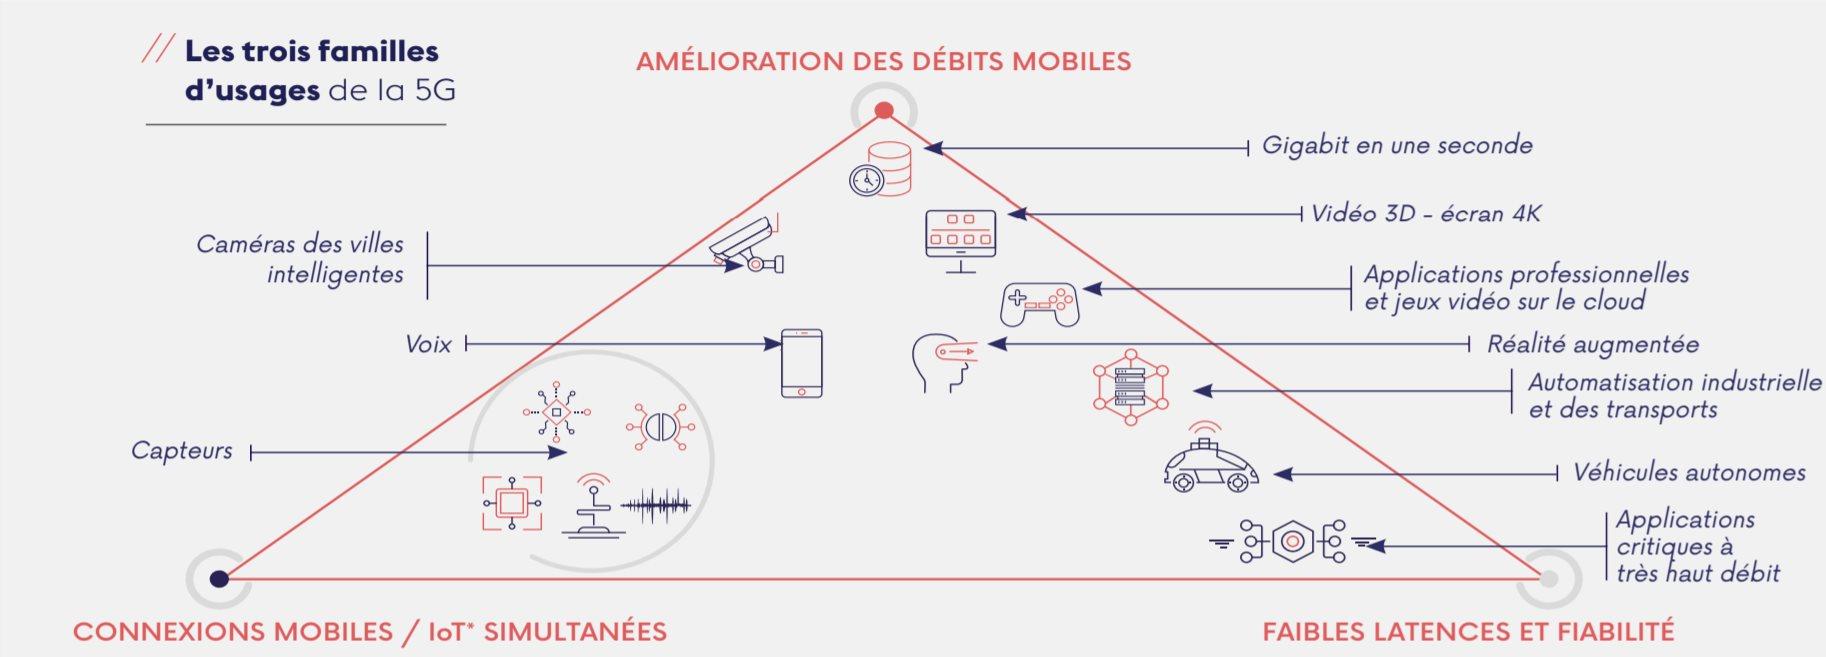 3 familles d'usage de la 5G (ARCEP) : Amélioration des débits mobiles, faibles latences et fiabilité, connexions mobiles et IoT simultanées